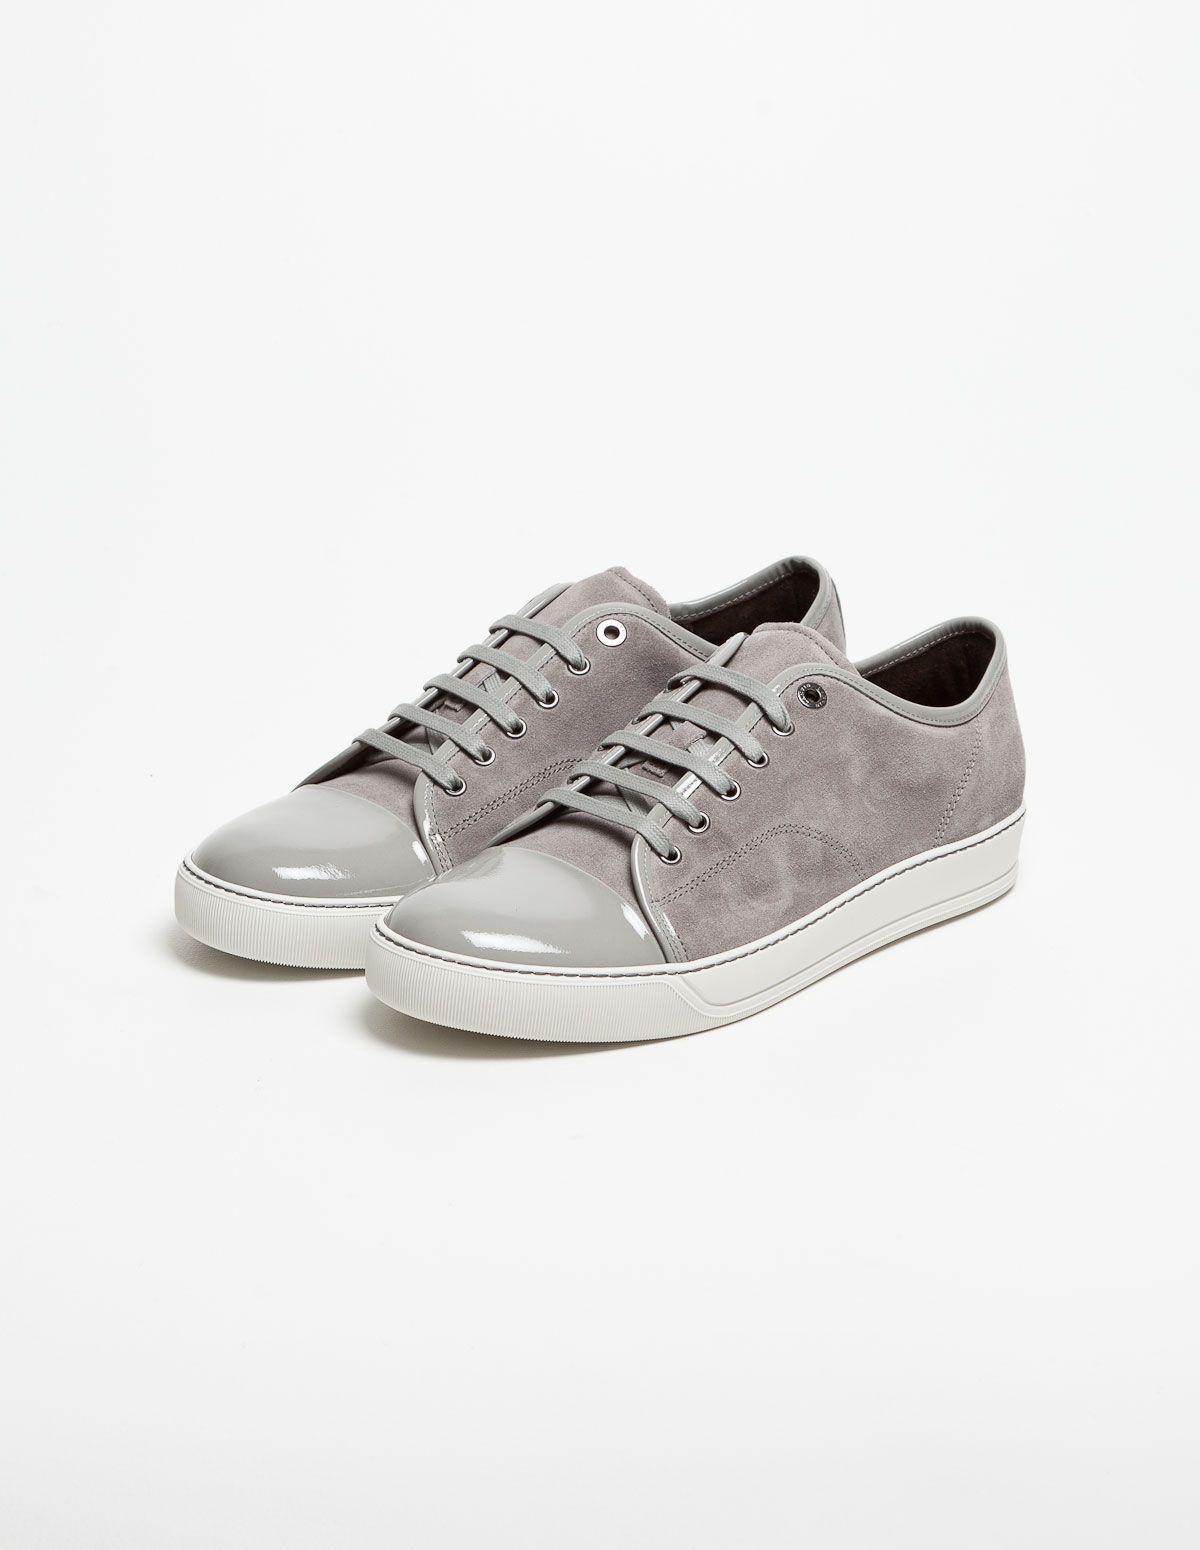 Lanvin Cap Toe Sneaker Grey | Lanvin